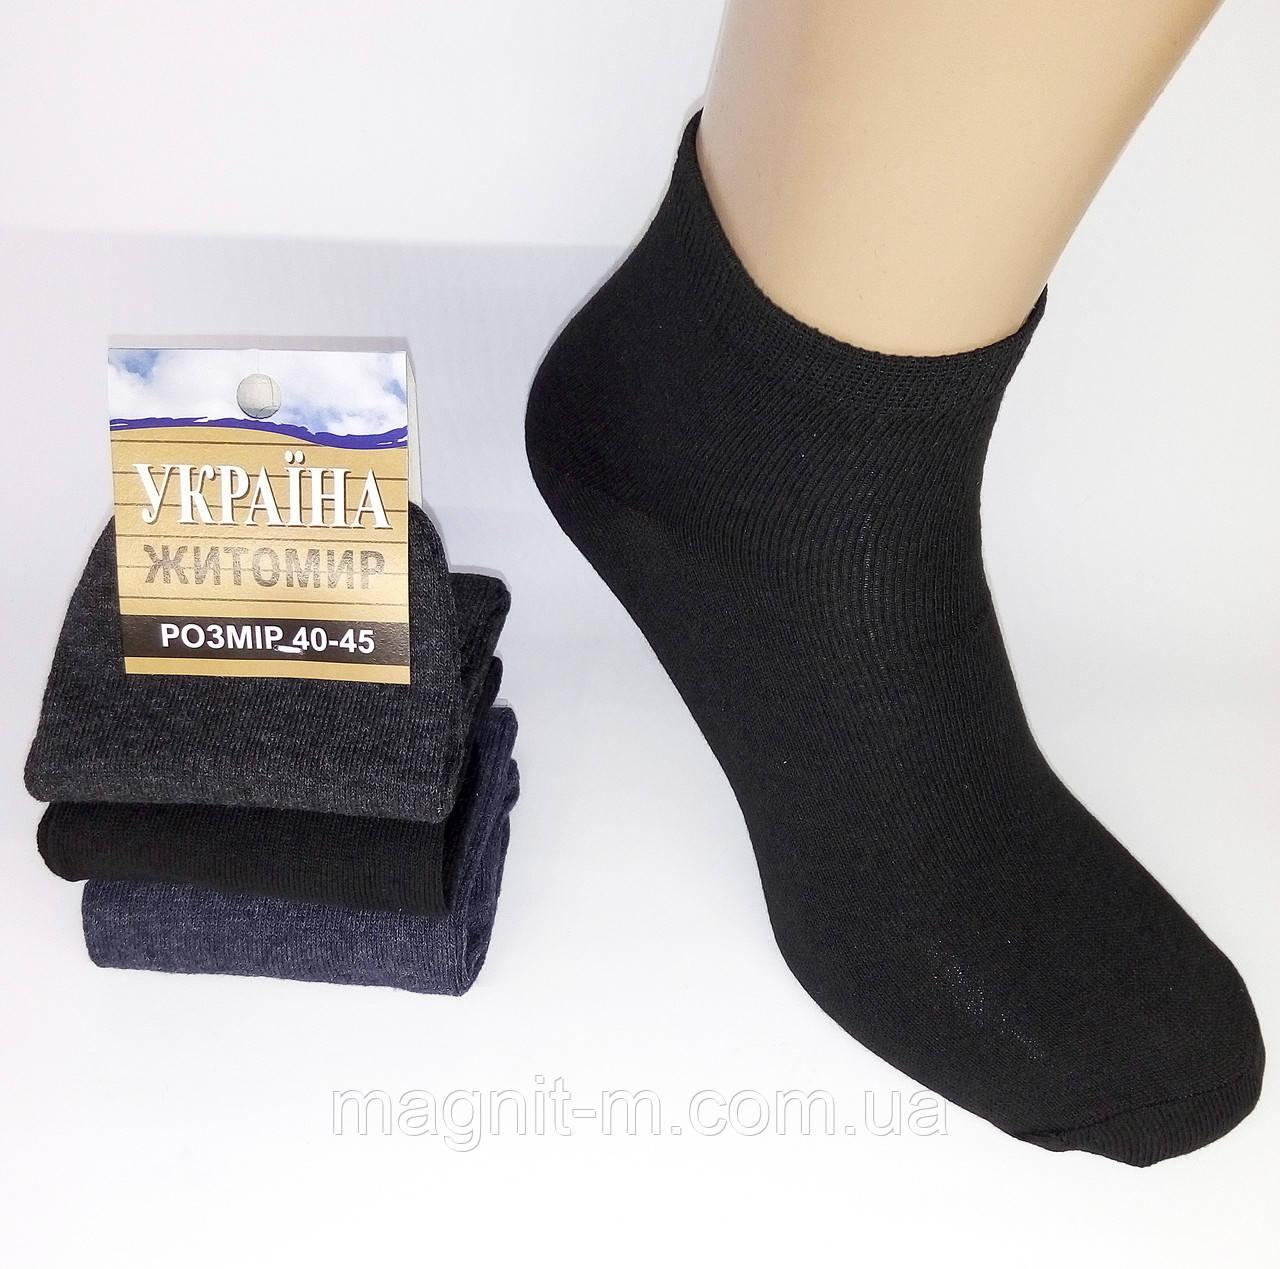 f4dcebfb23af4 Мужские укороченные носки